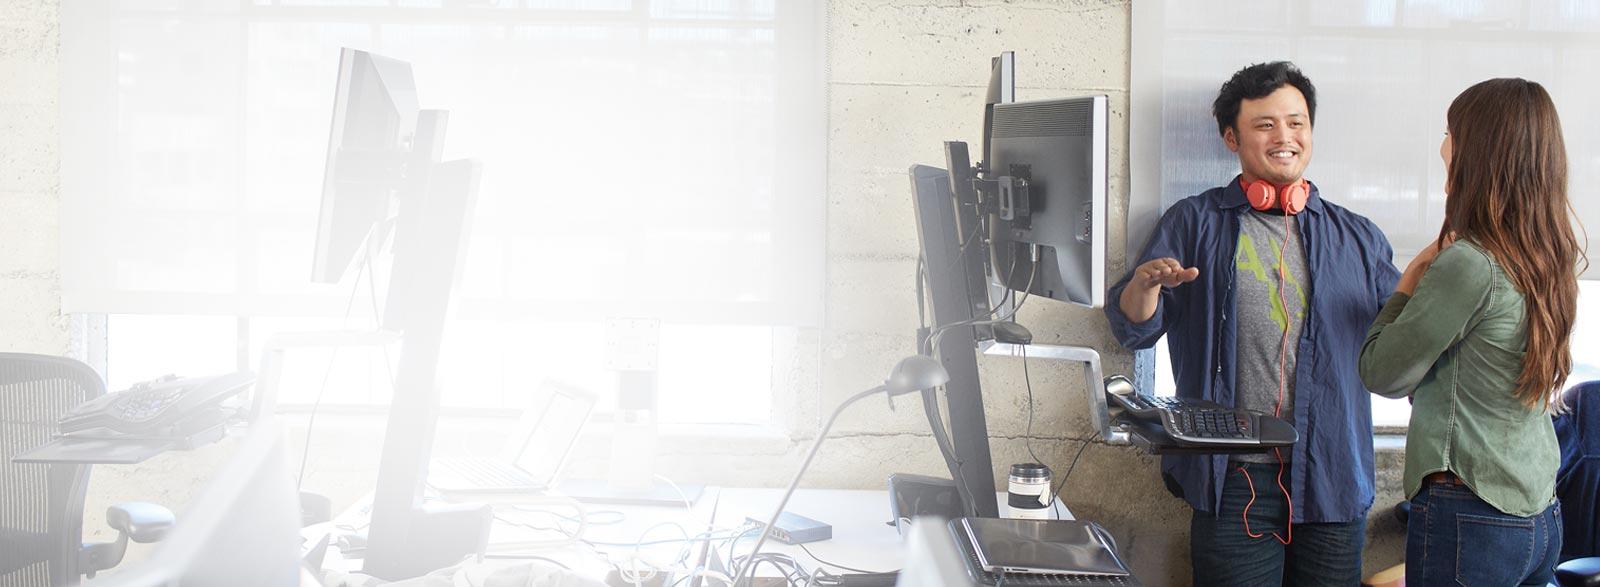 Moški in ženska, ki stojita v pisarni in uporabljata Office 365 Business Premium.